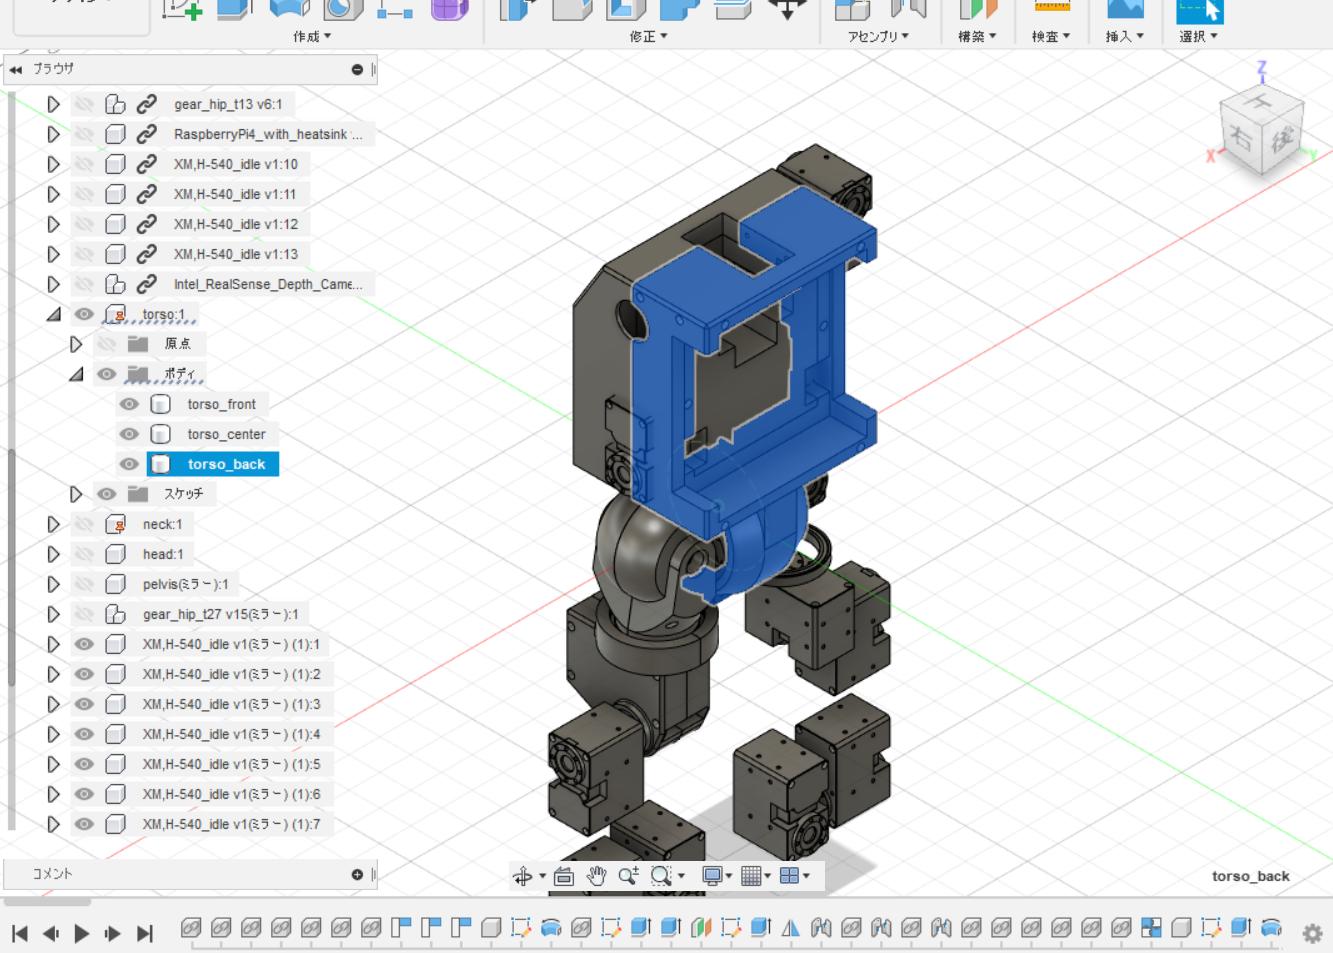 3Dプリンタによるフレームの出力